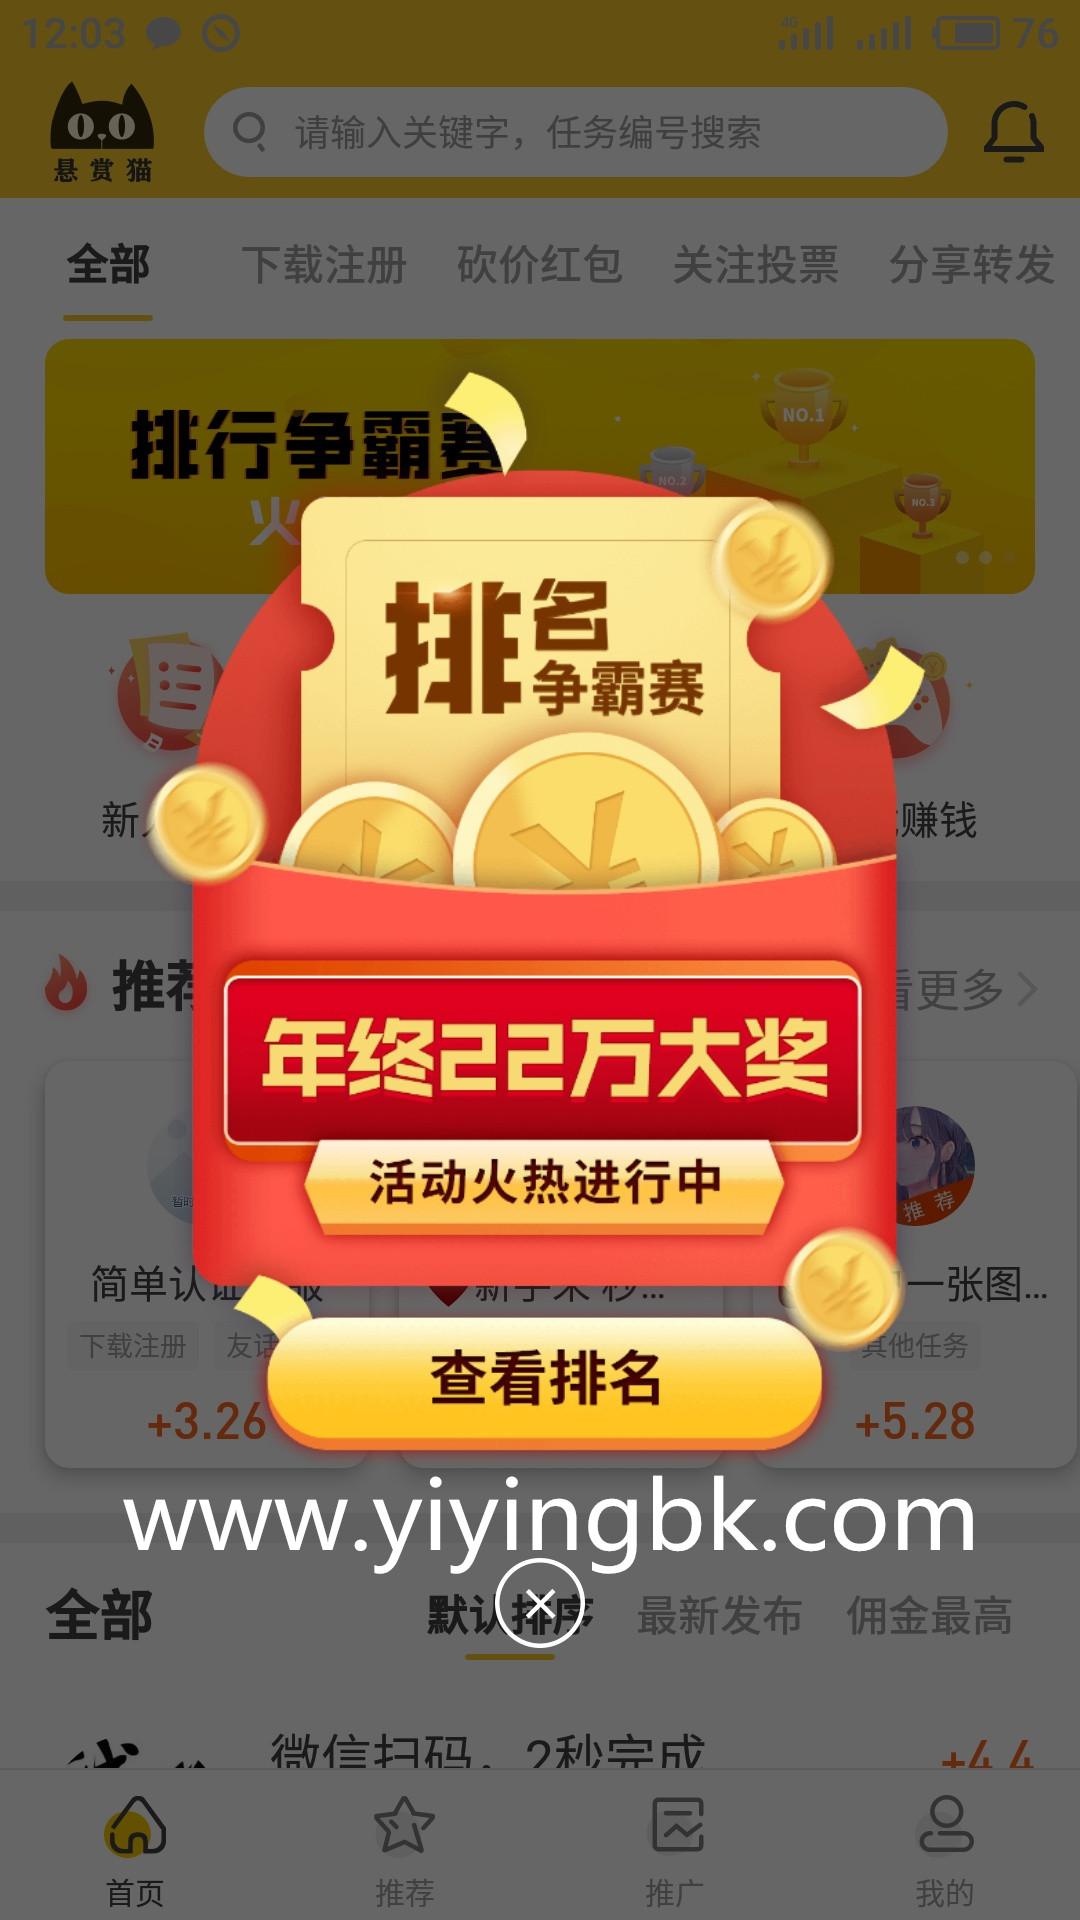 排名争霸赛:年终22万红包大奖,微信支付宝提现秒到账,活动火热进行中